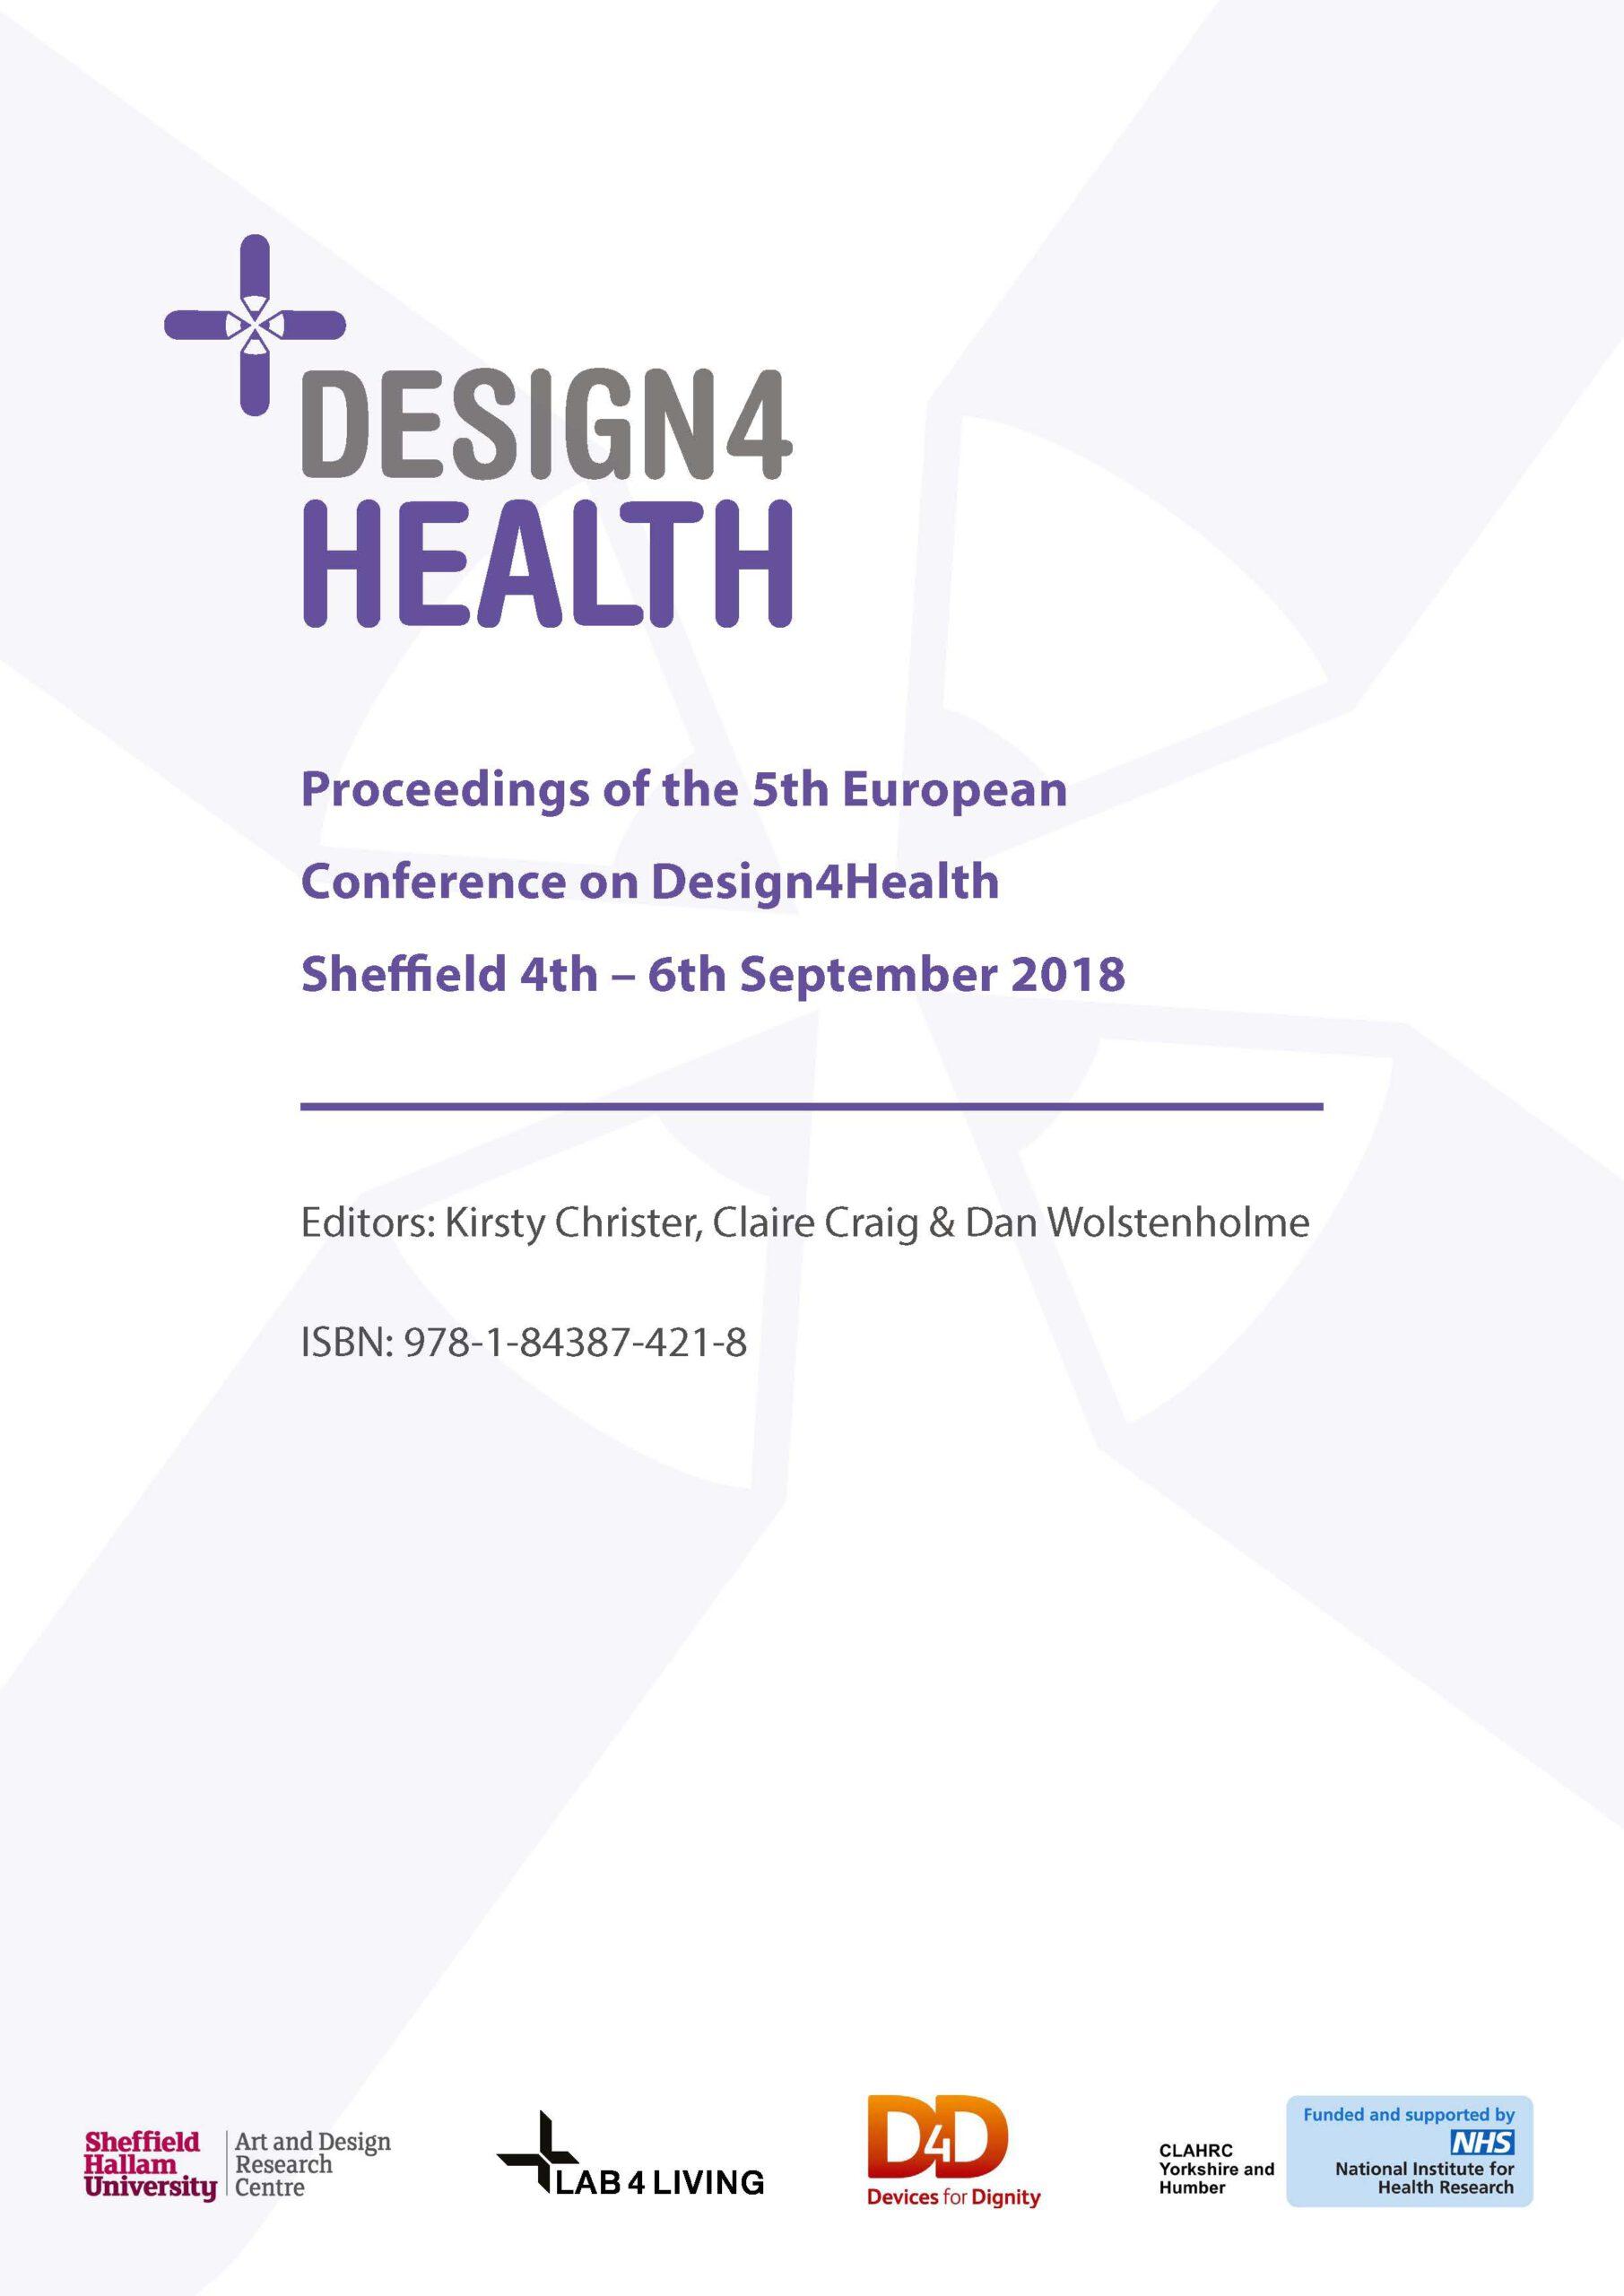 Designforschung und Gesundheit jenseits deutscher akademischer Systeme